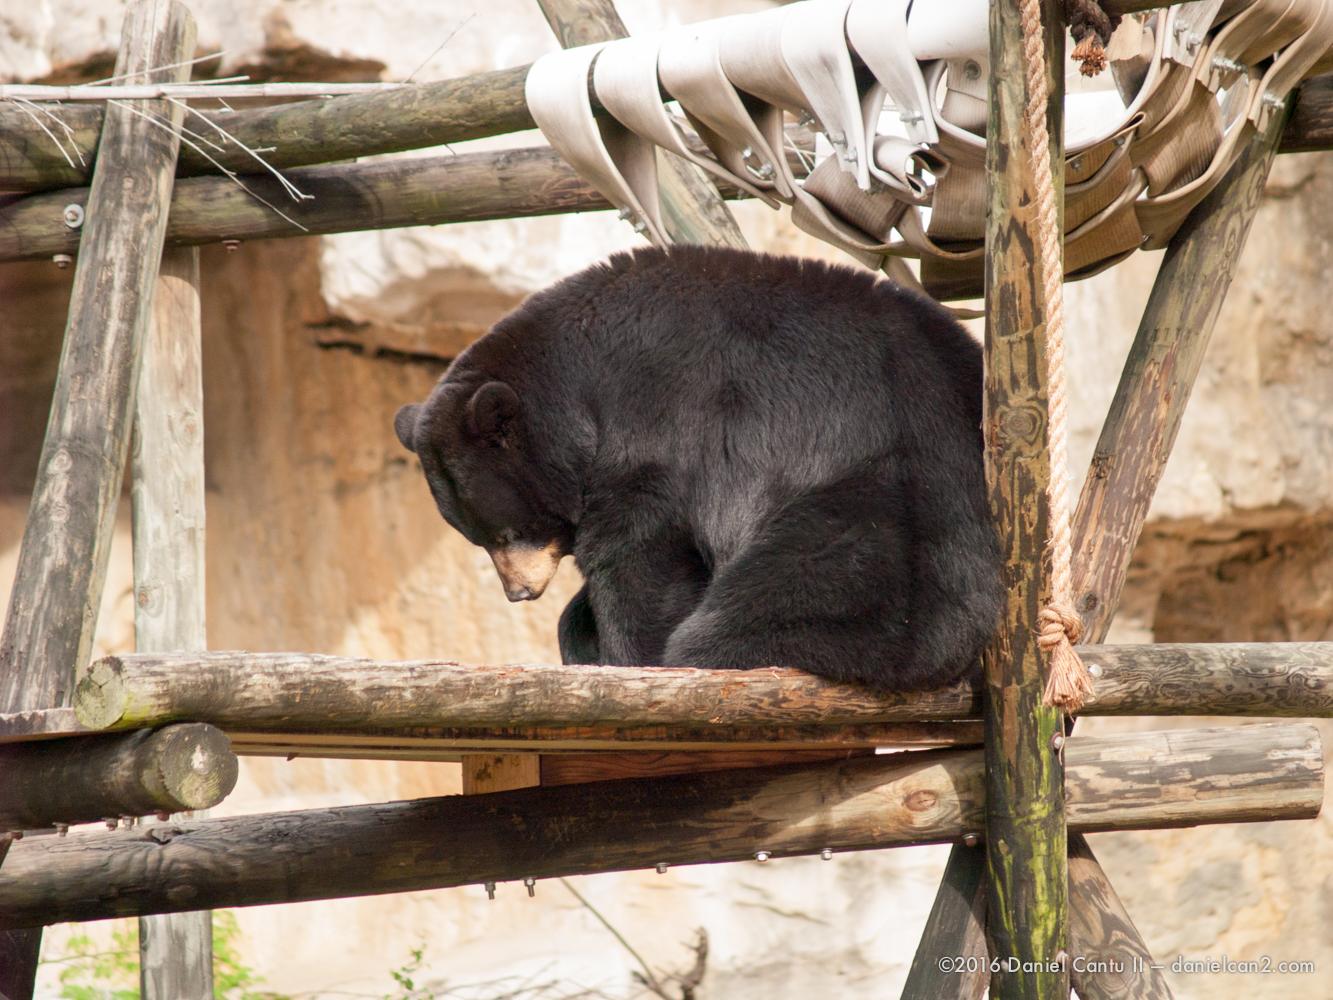 Daniel-Cantu-II-Zoo-March-2015-8.jpg